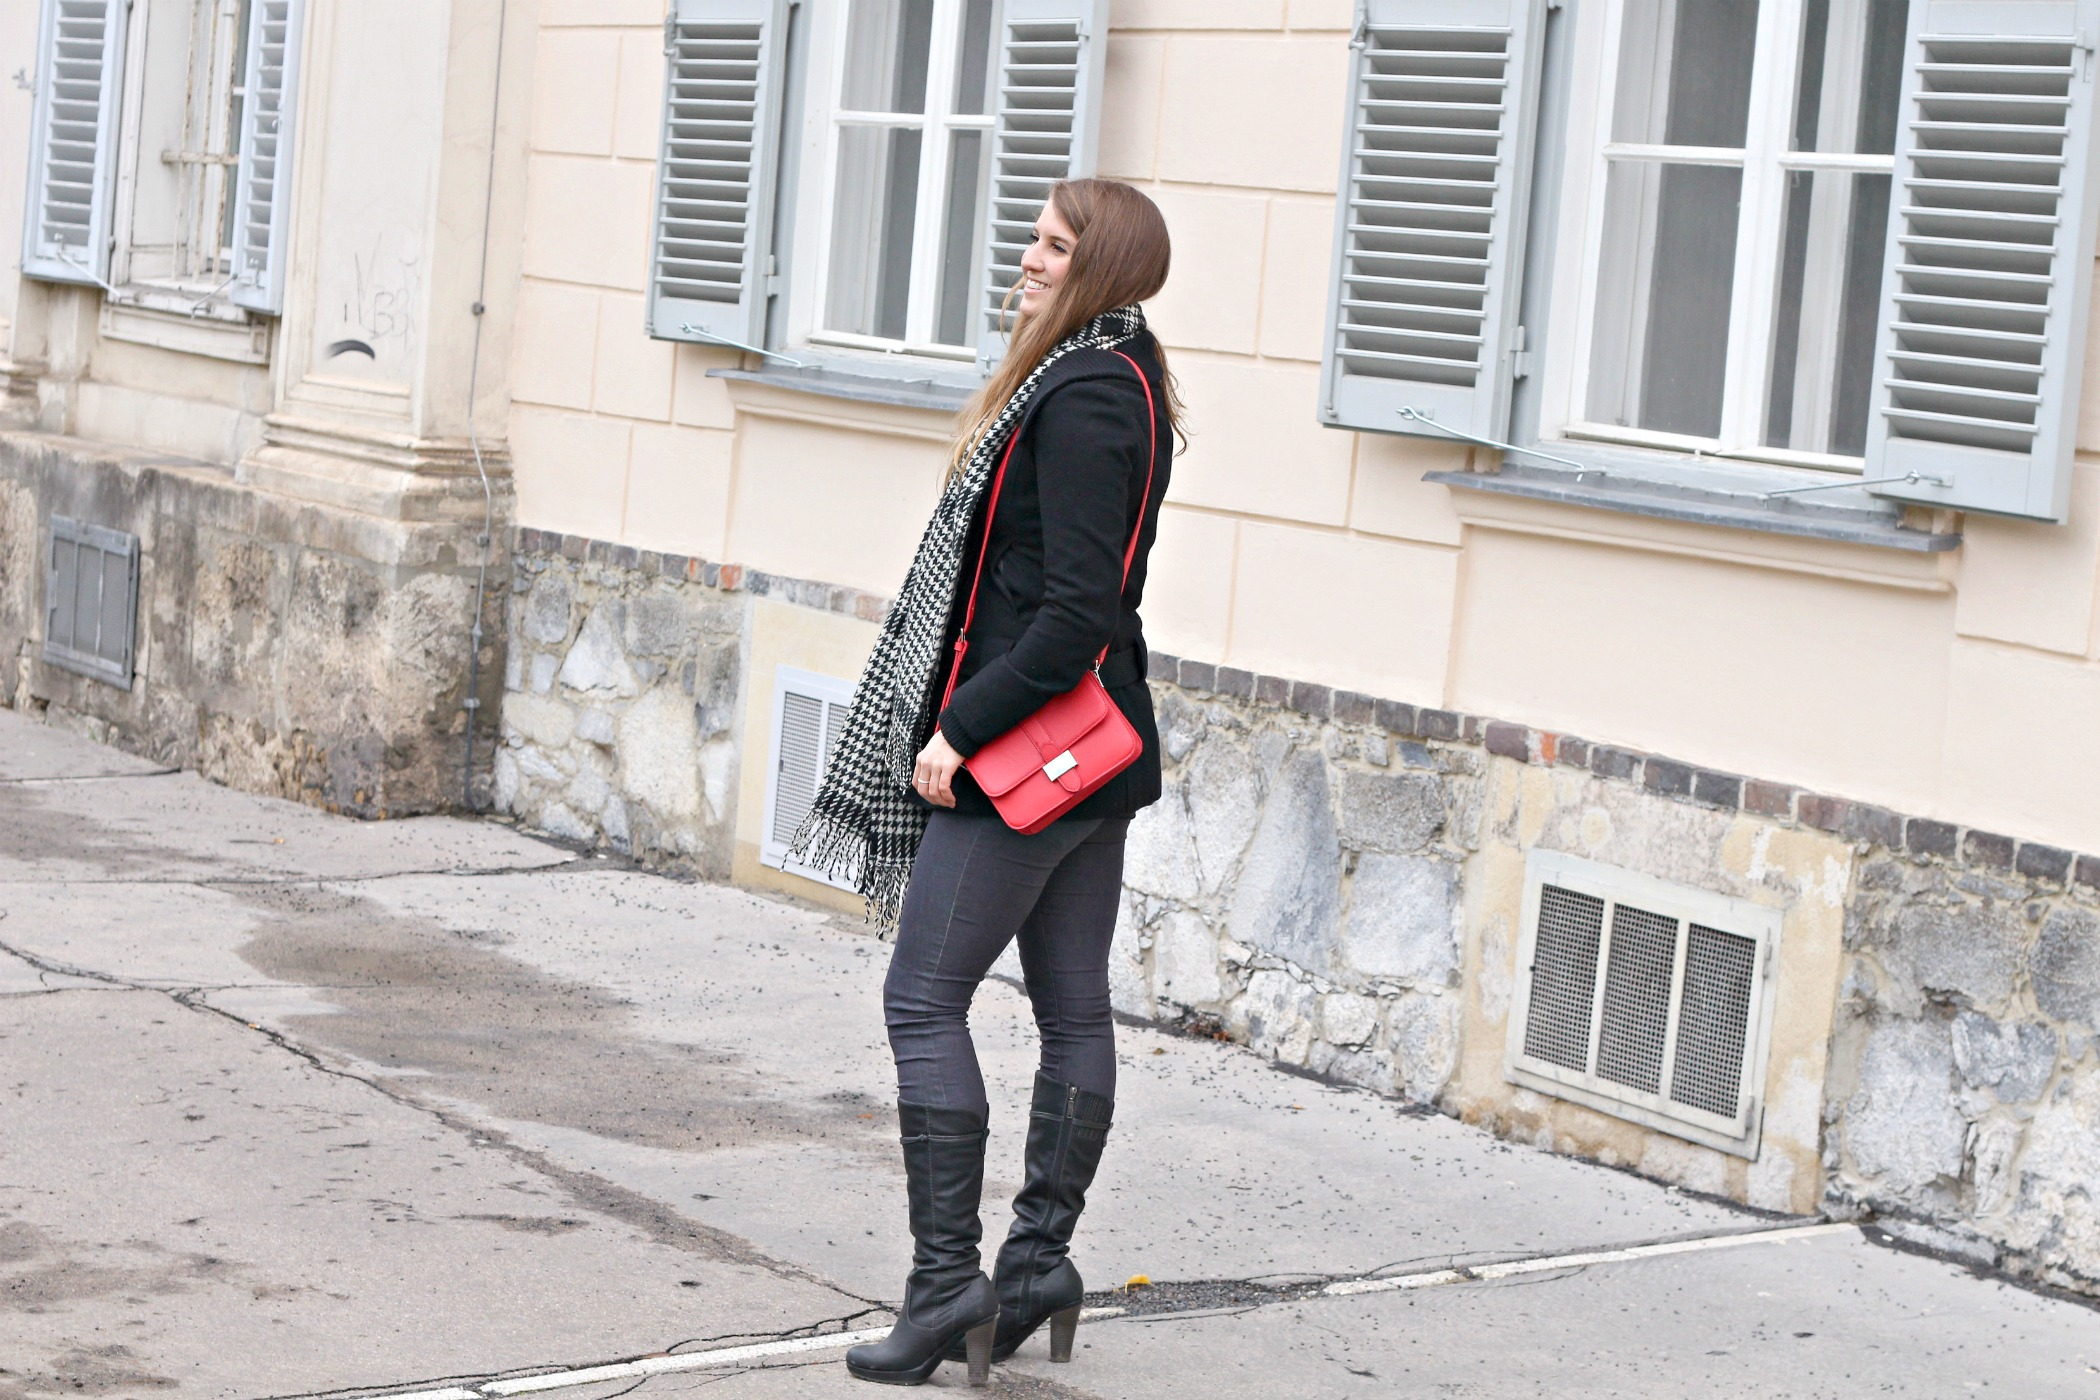 fitnessblog-lifestyleblog-blog-österreich-graz-klara-fuchs-blogger-lifestyle-stadt-outfit6